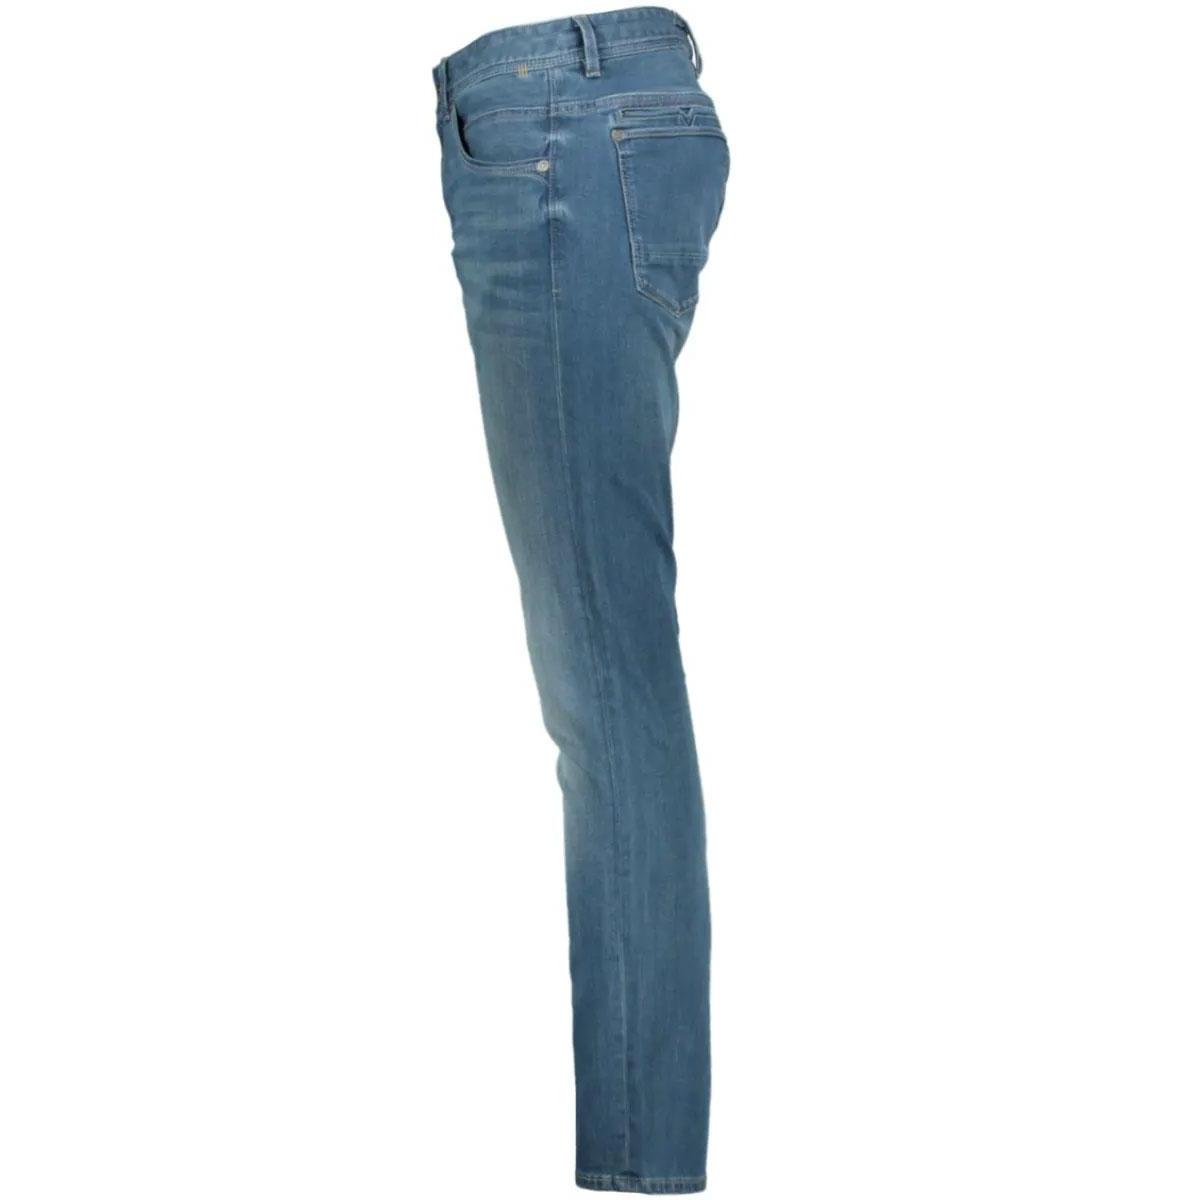 rider off the track v850 vanguard jeans ott